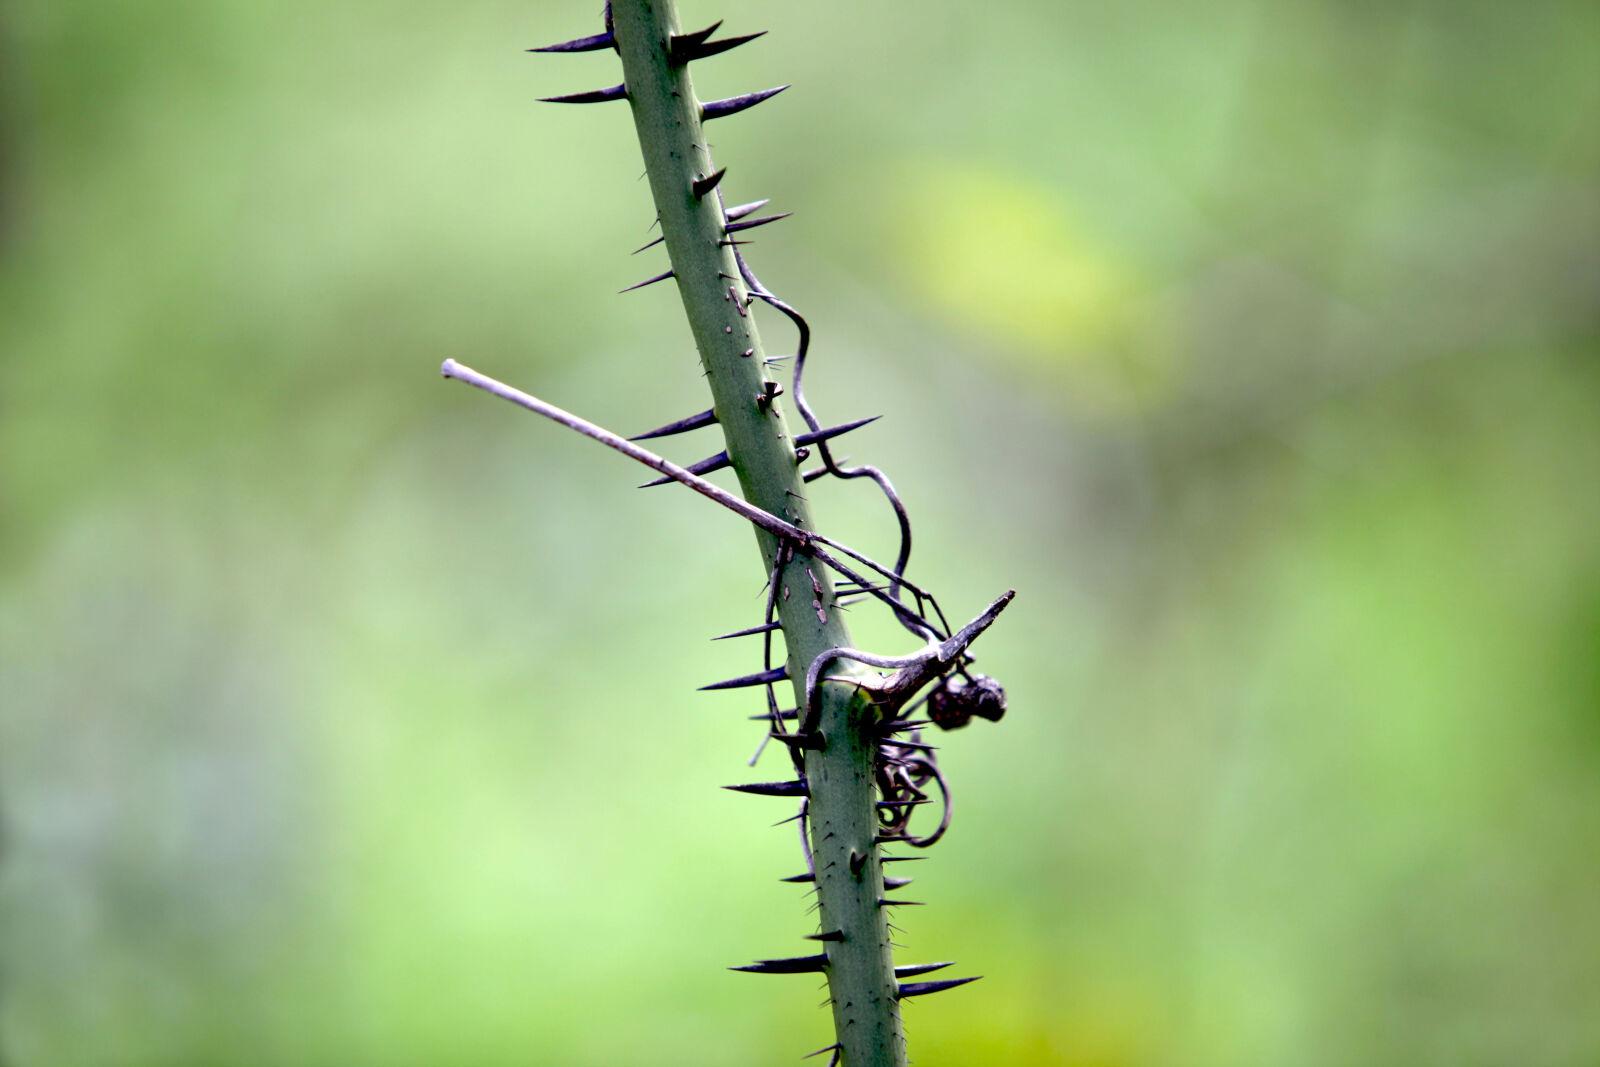 needle, plants, prickly, thorns